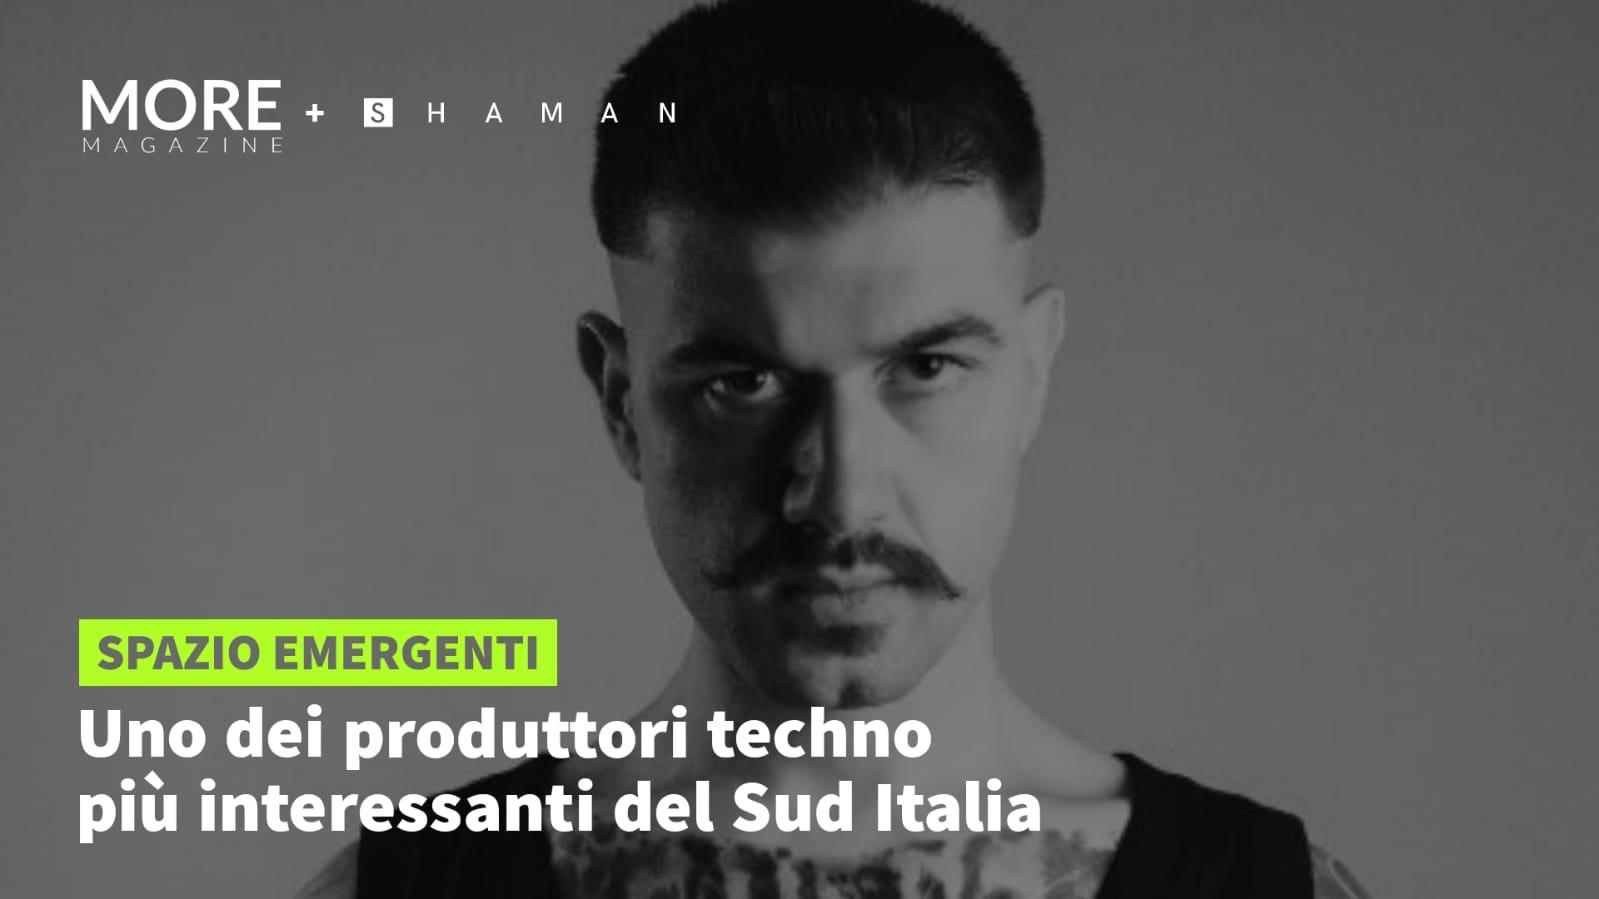 Uno dei produttori techno più interessanti del Sud Italia